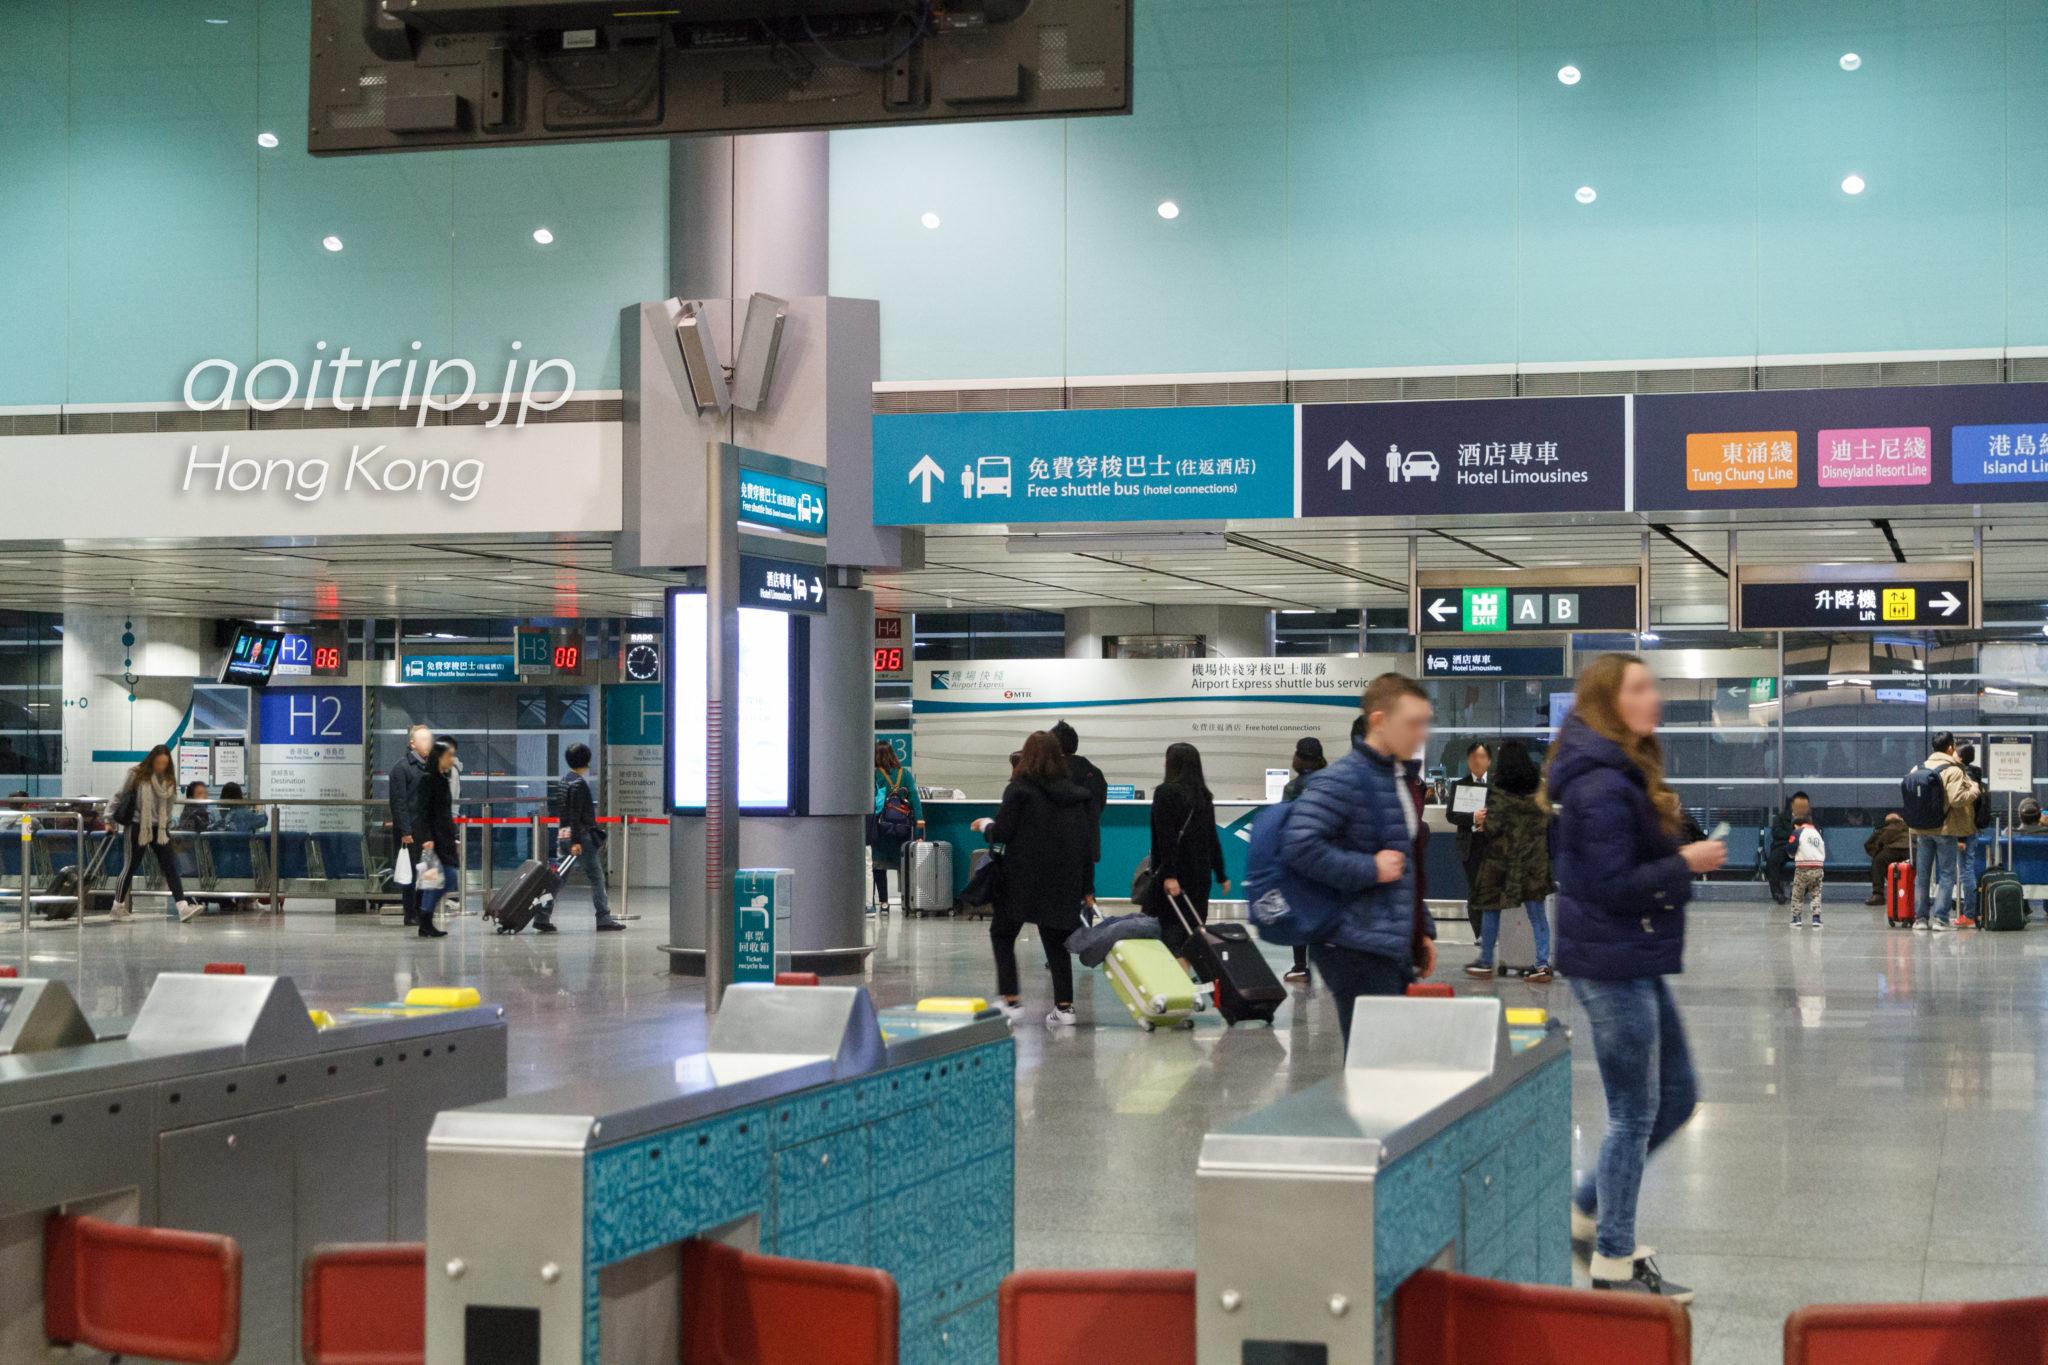 香港駅からエアポートエクスプレスシャトルバス乗り場の行き方